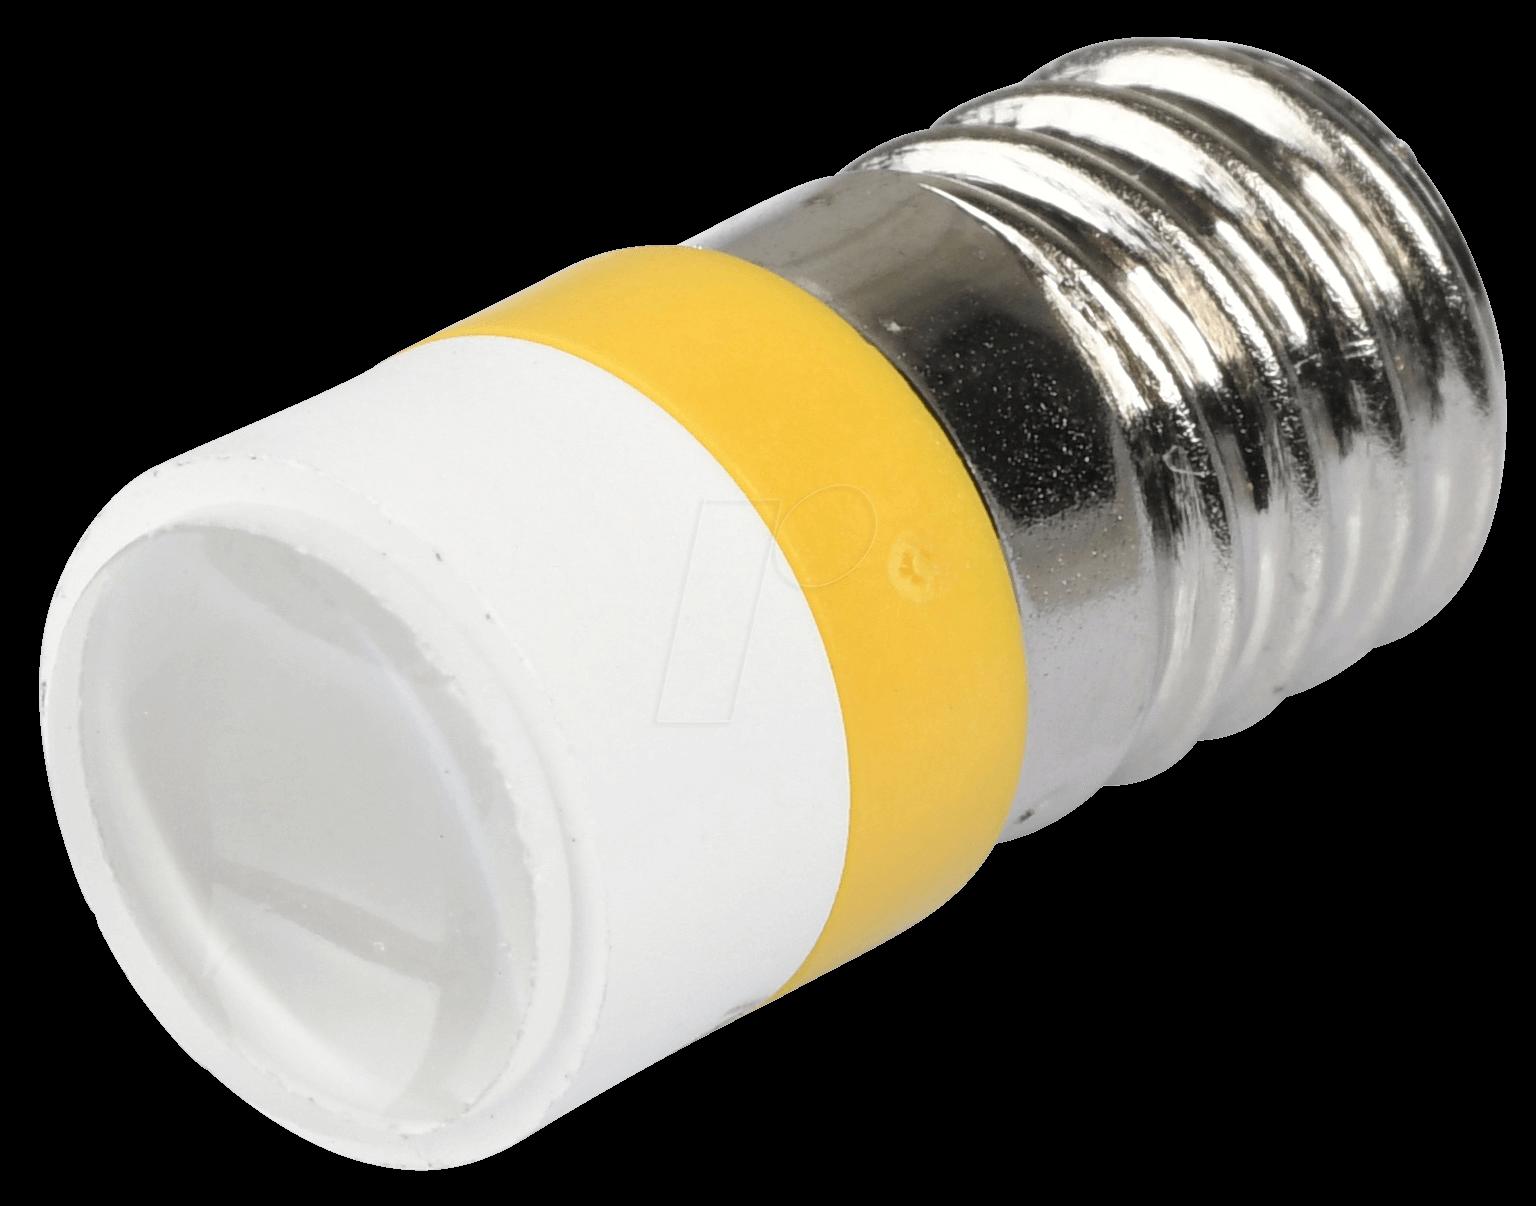 MELE 2212 - LED-Spot-Light, E10, gelb, 12 V, 35...